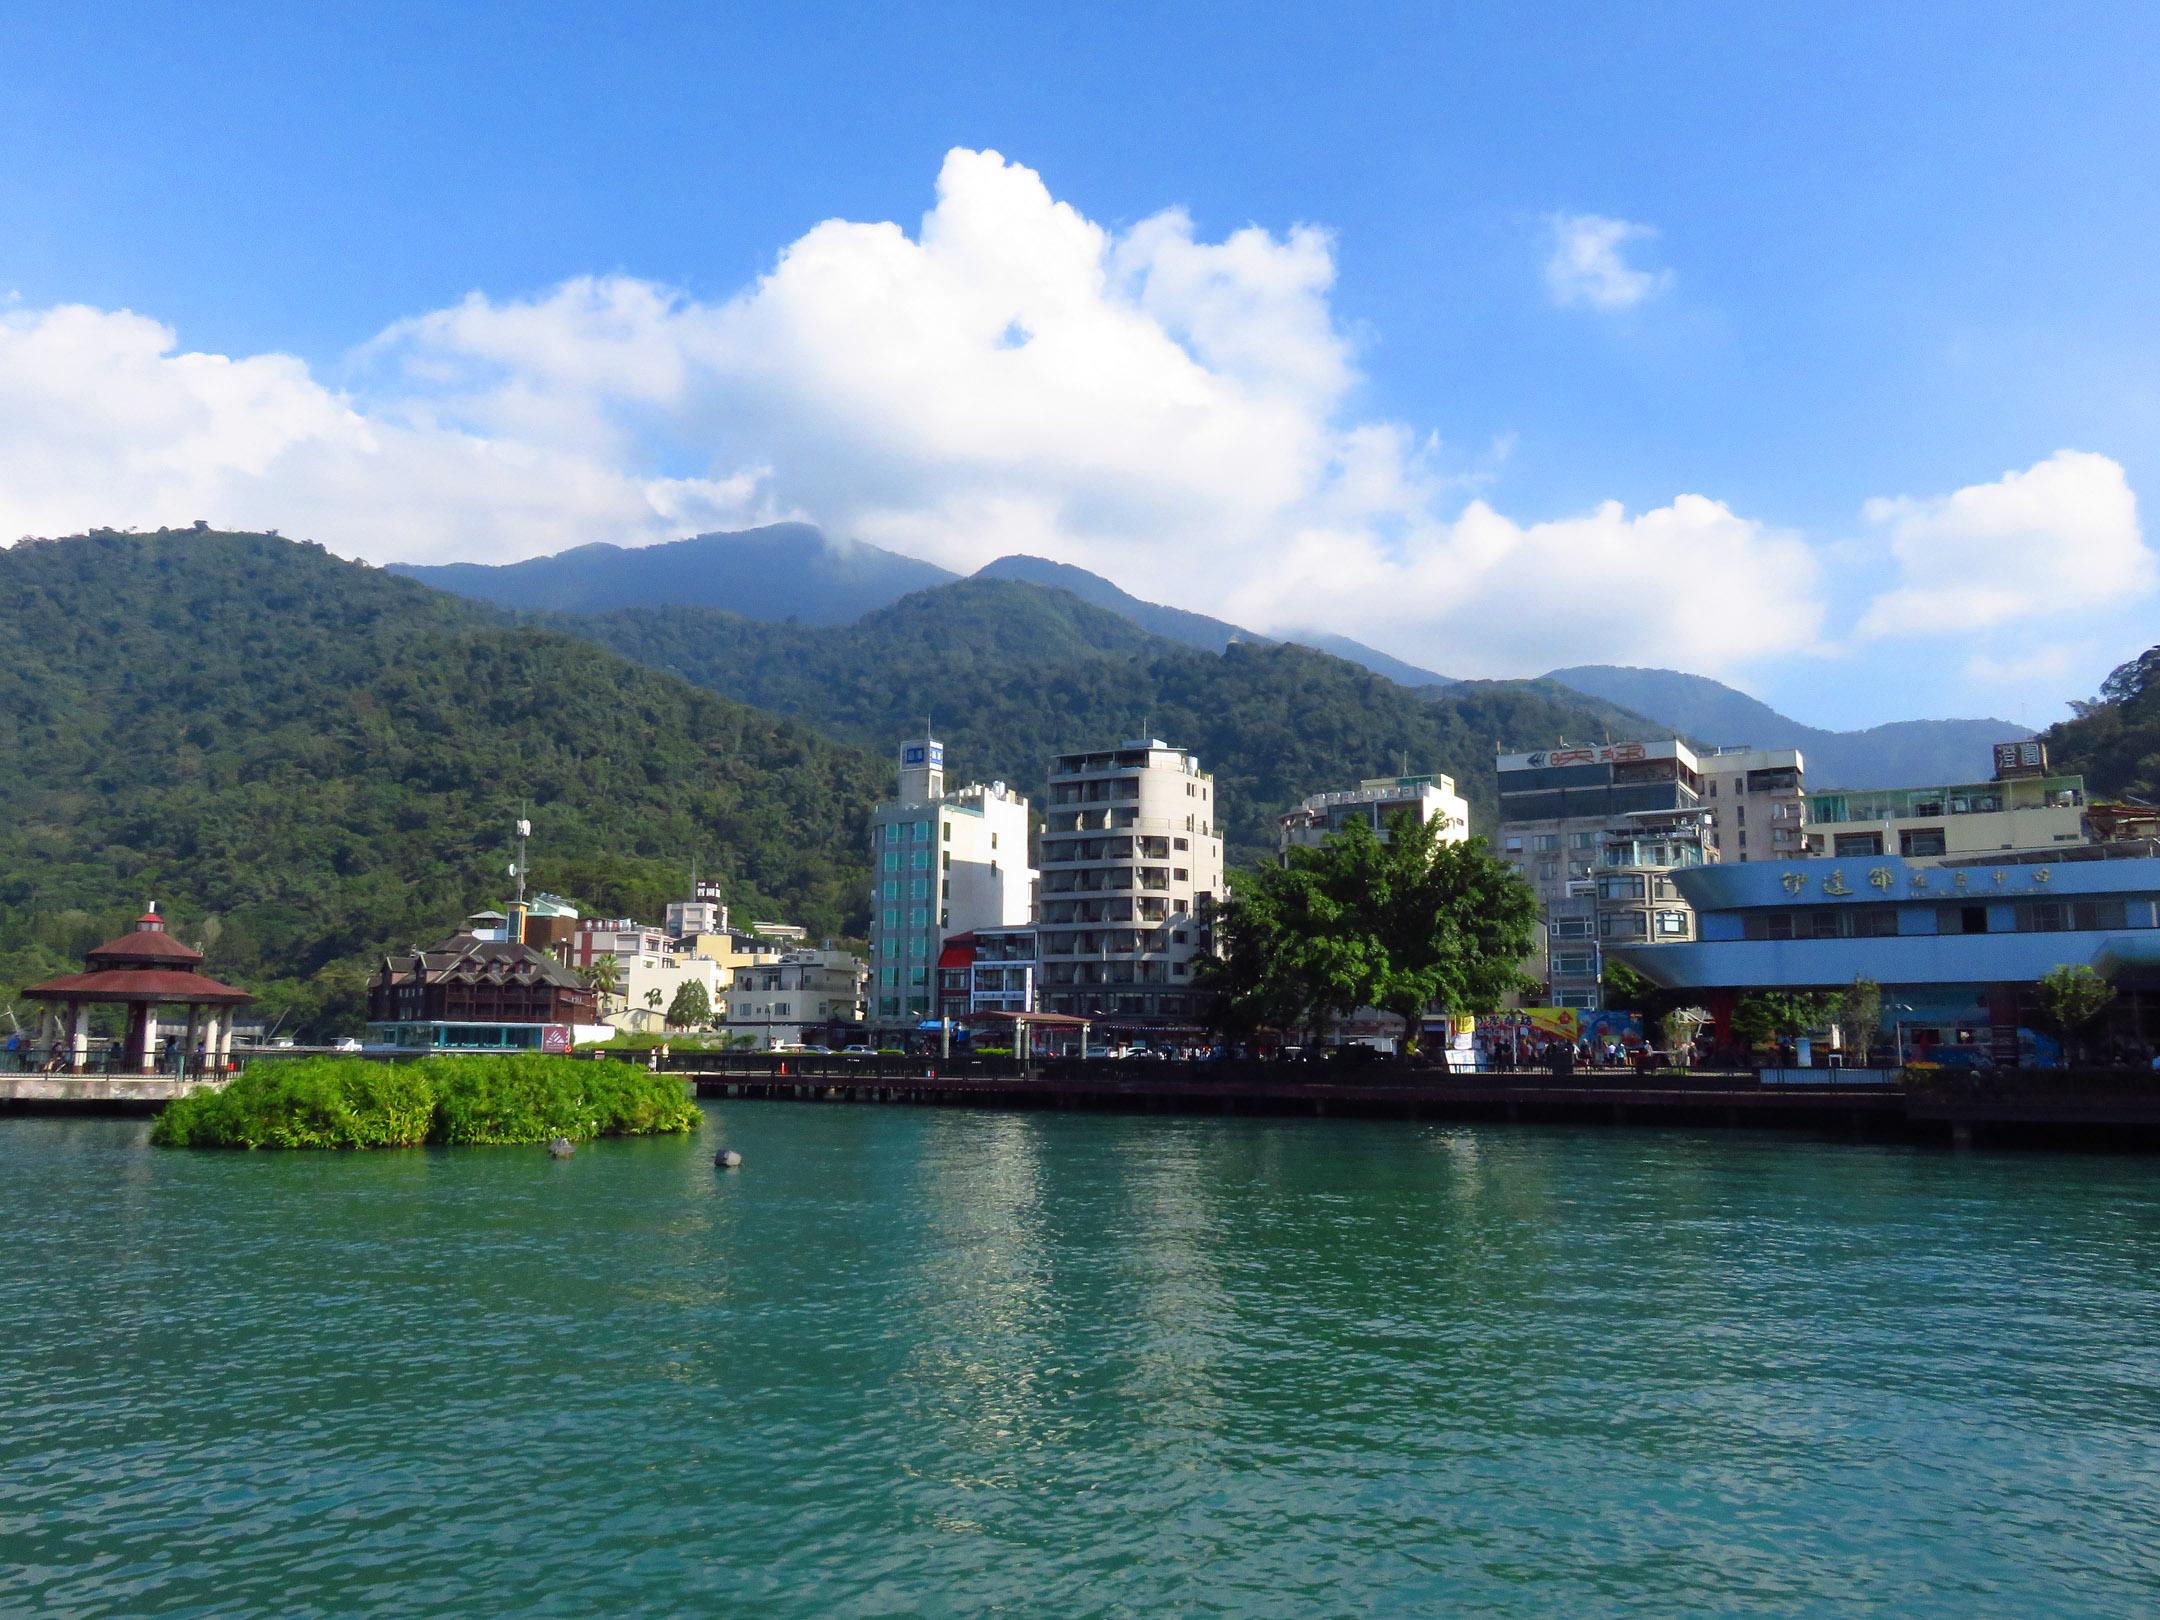 4. Sun Moon Lake